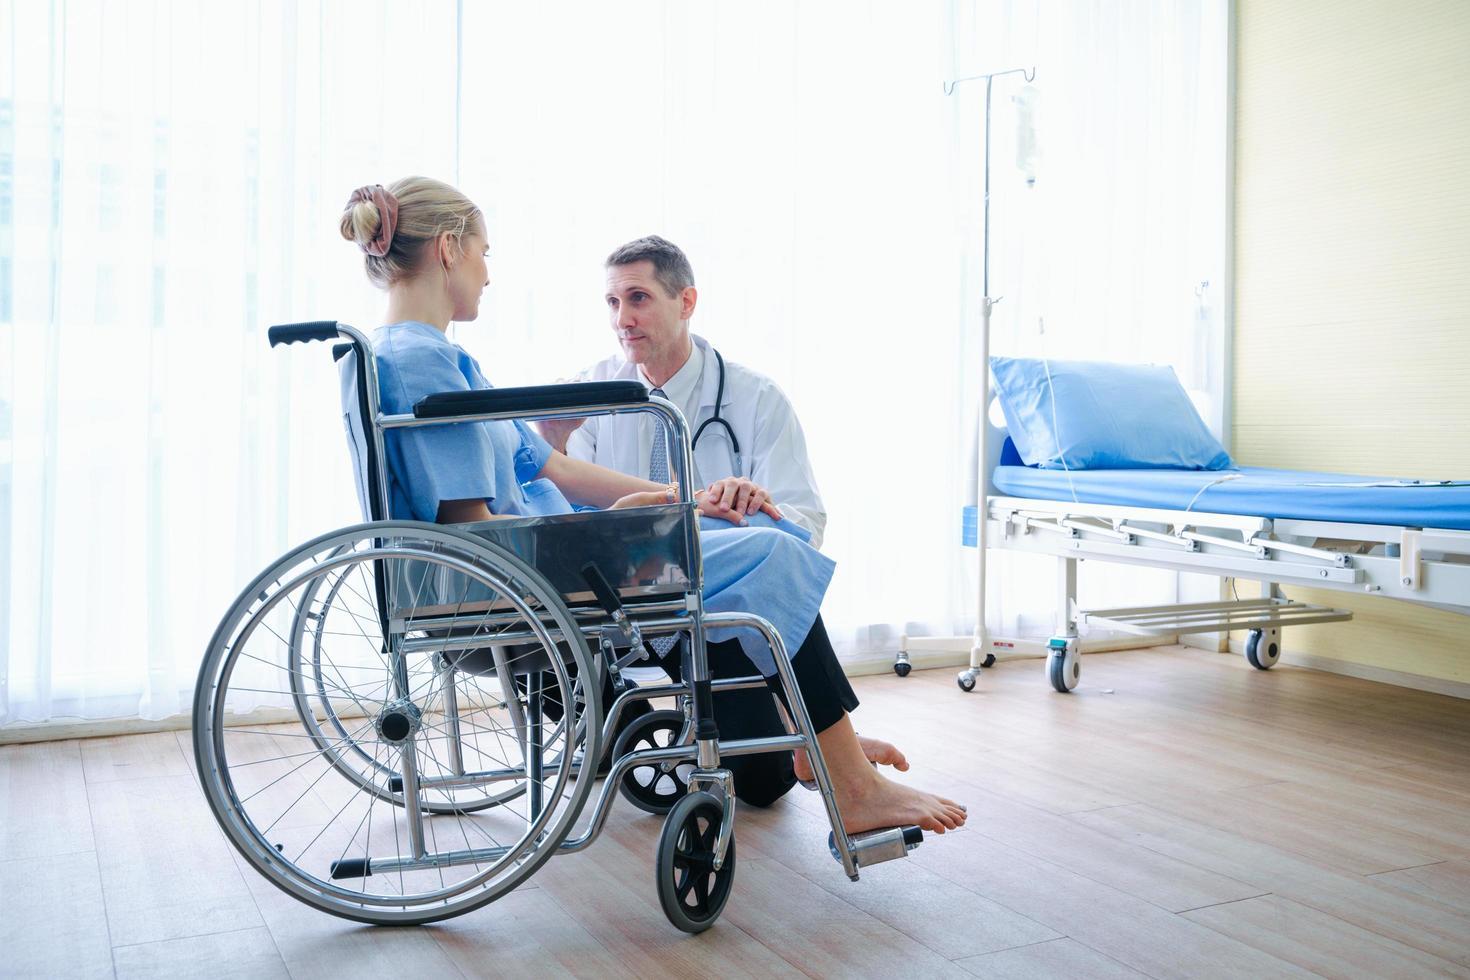 Ein Arzt spricht mit einem Patienten im Rollstuhl foto